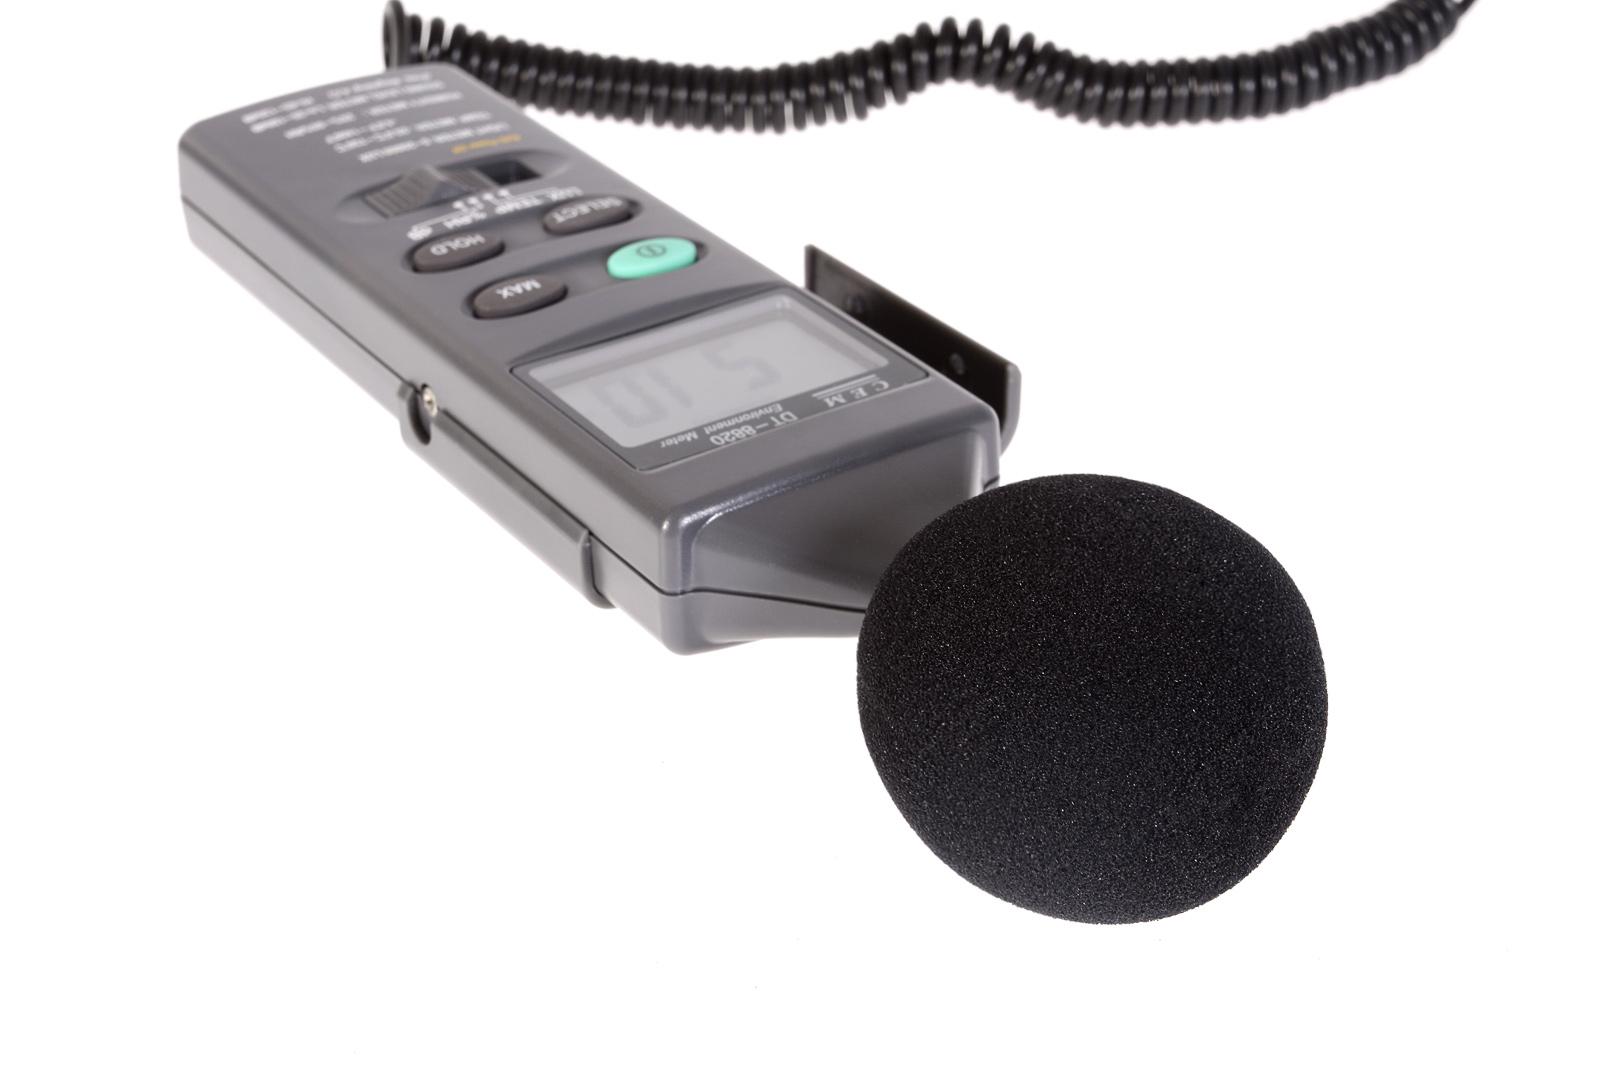 Измеритель уровня шума Cem Шумомер Люксметр Влагомер Термометр dt-8820 от 220 Вольт